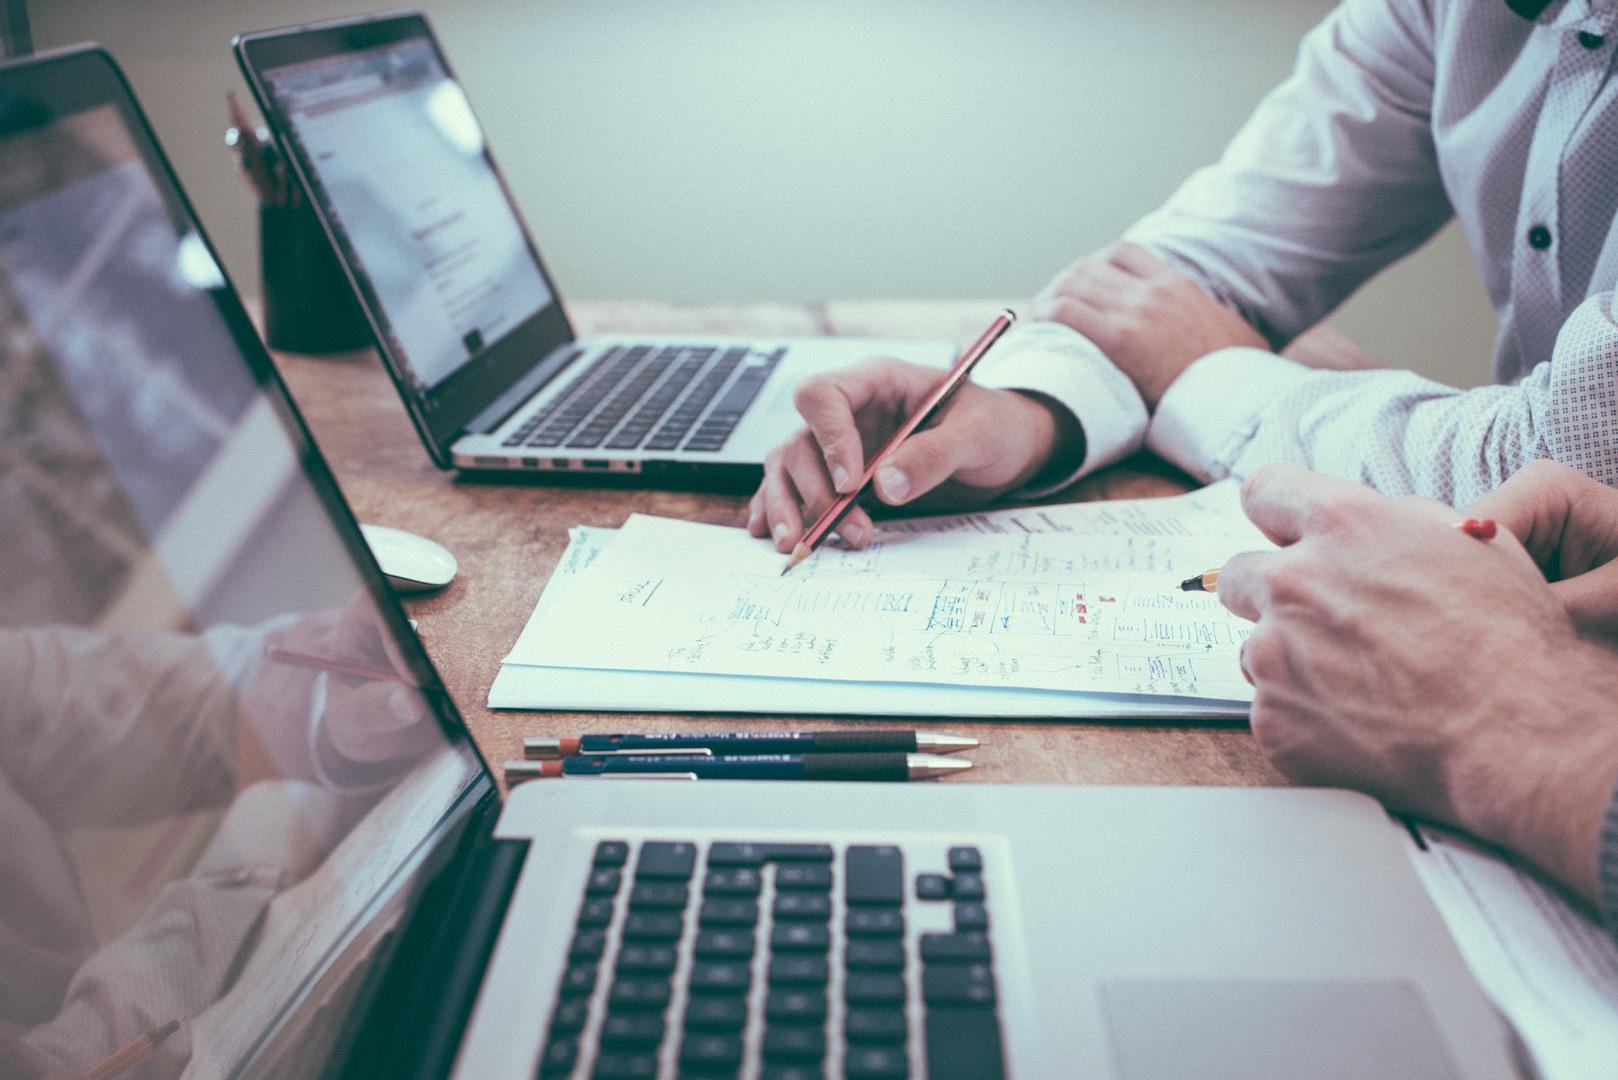 desk-writing-work-hand-man-working-596254-pxhere.com (1)